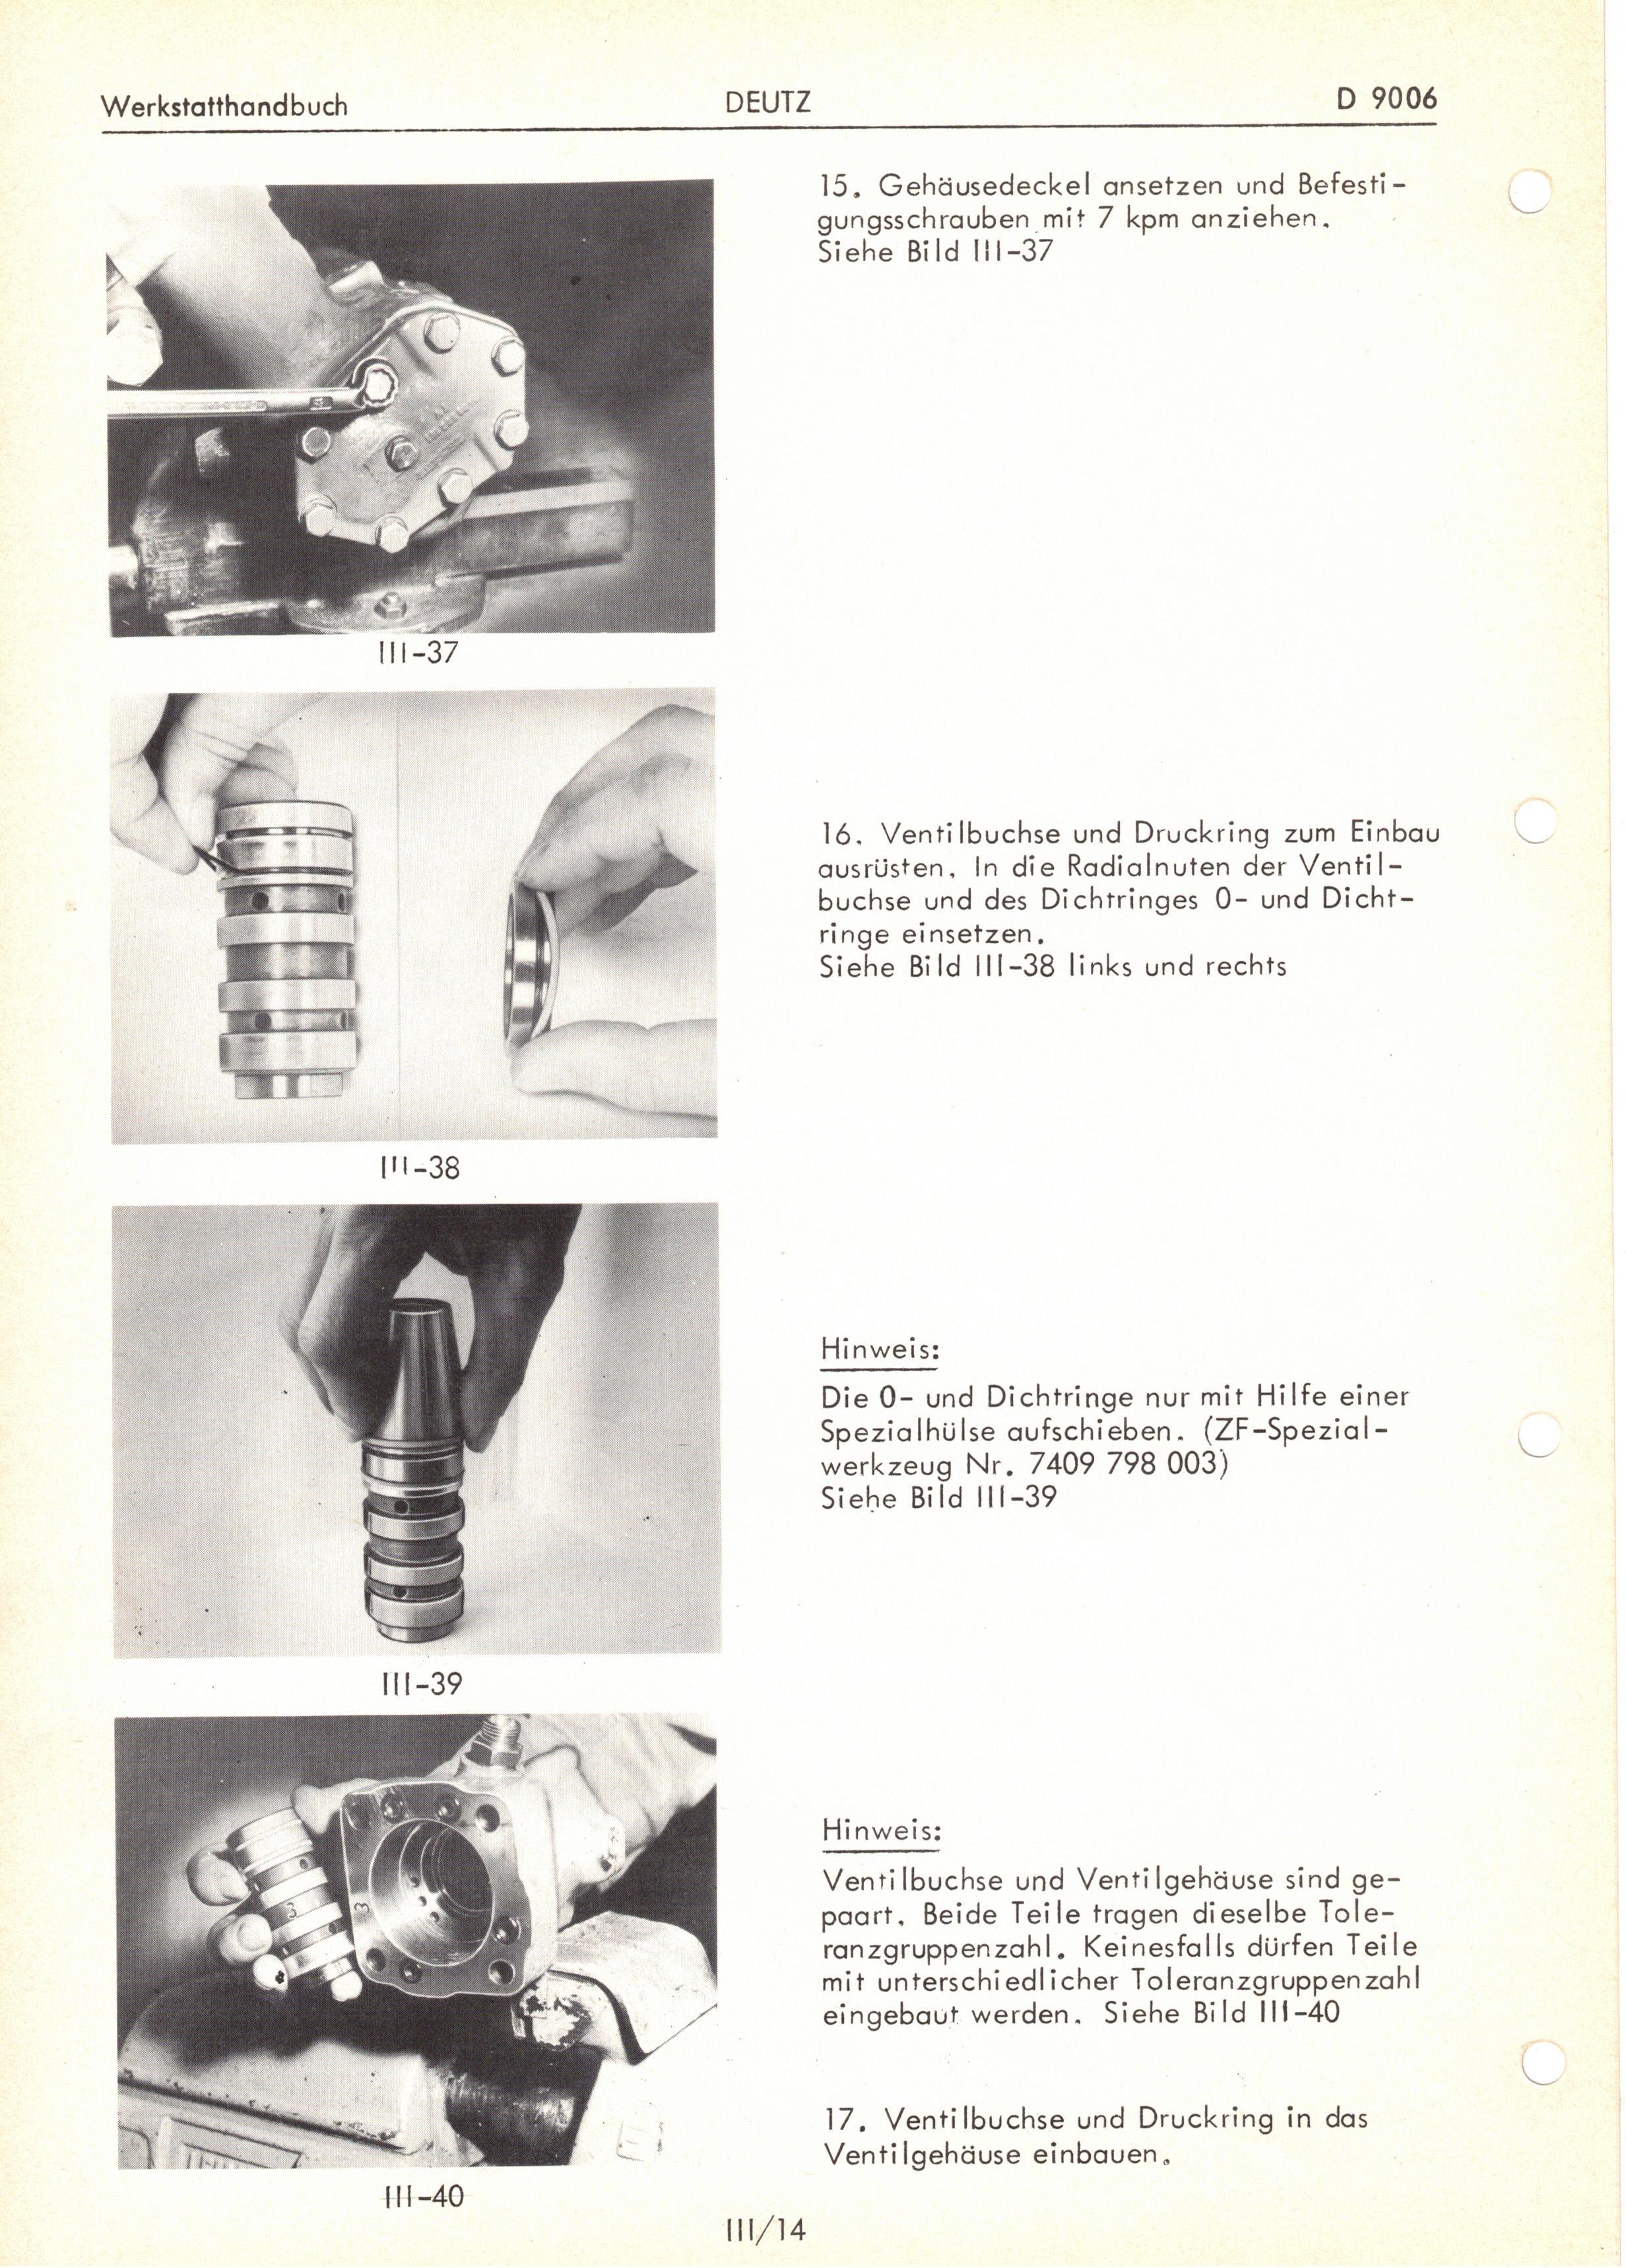 Deutz D 9006 Werkstatthandbuch im Ringbuchordner